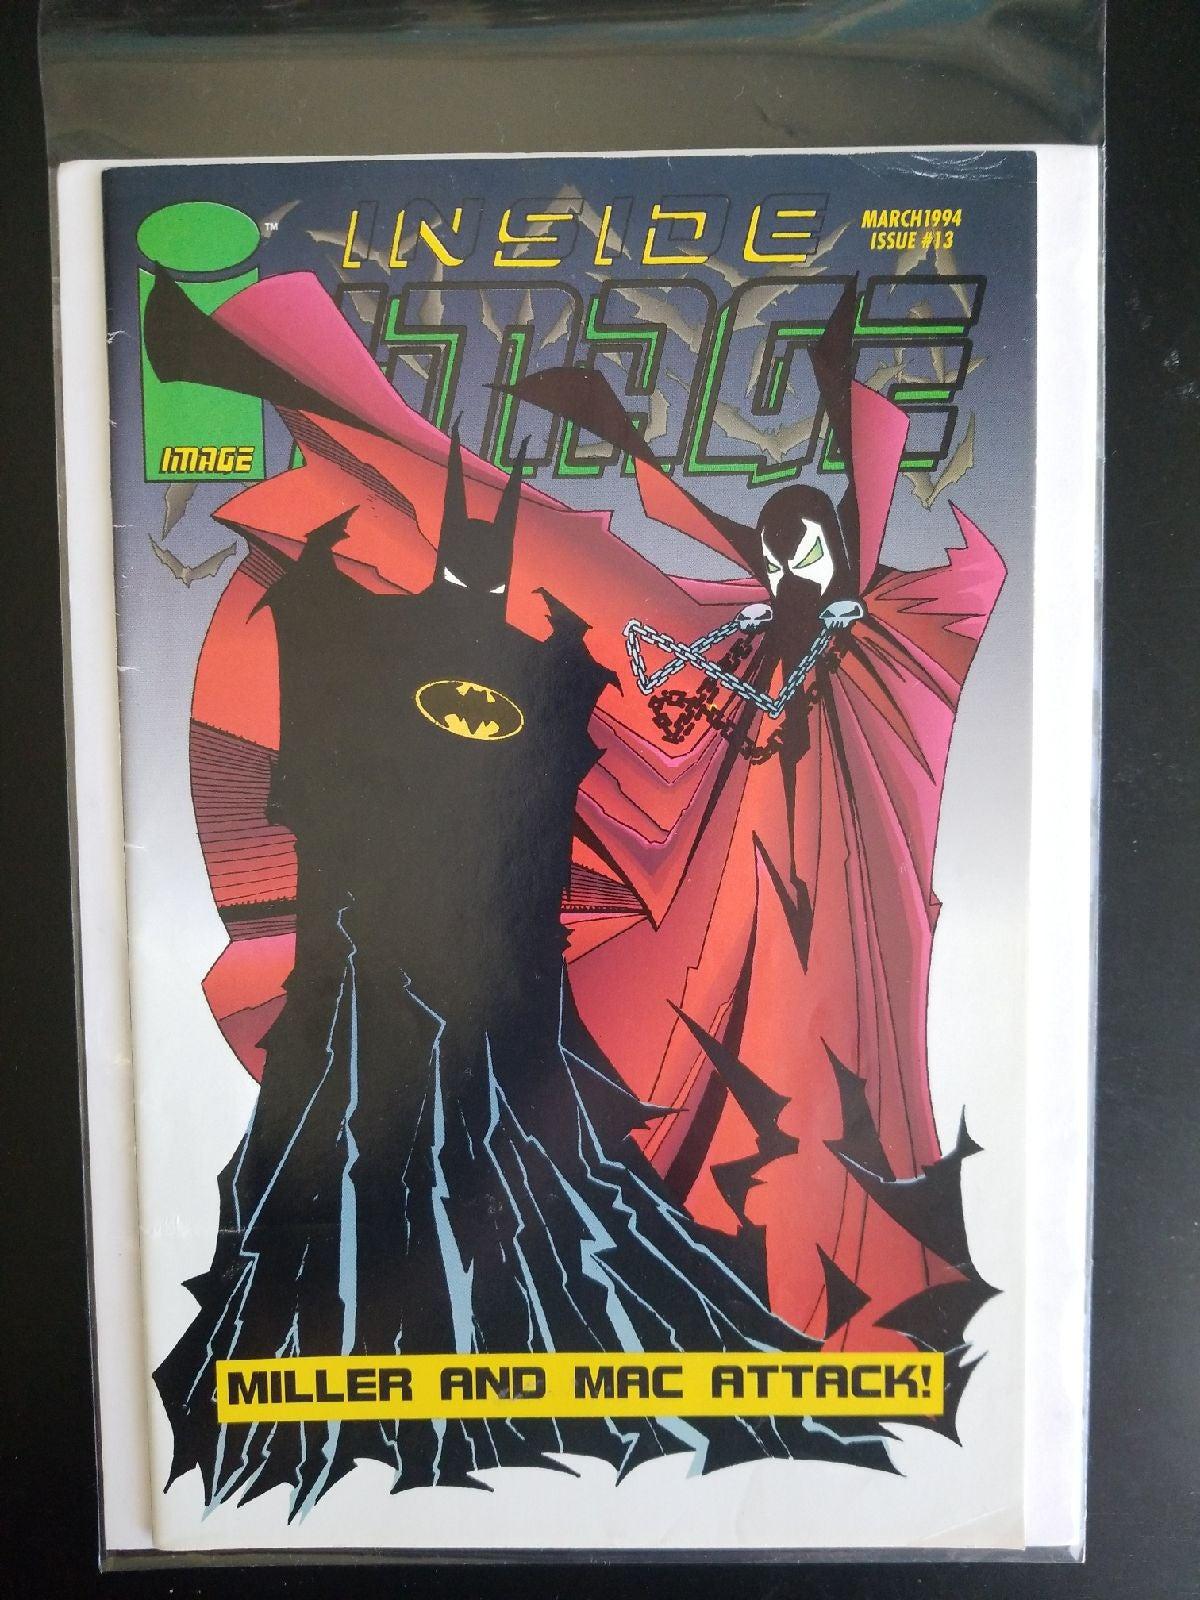 Inside Image #13 Batman Spawn 1994